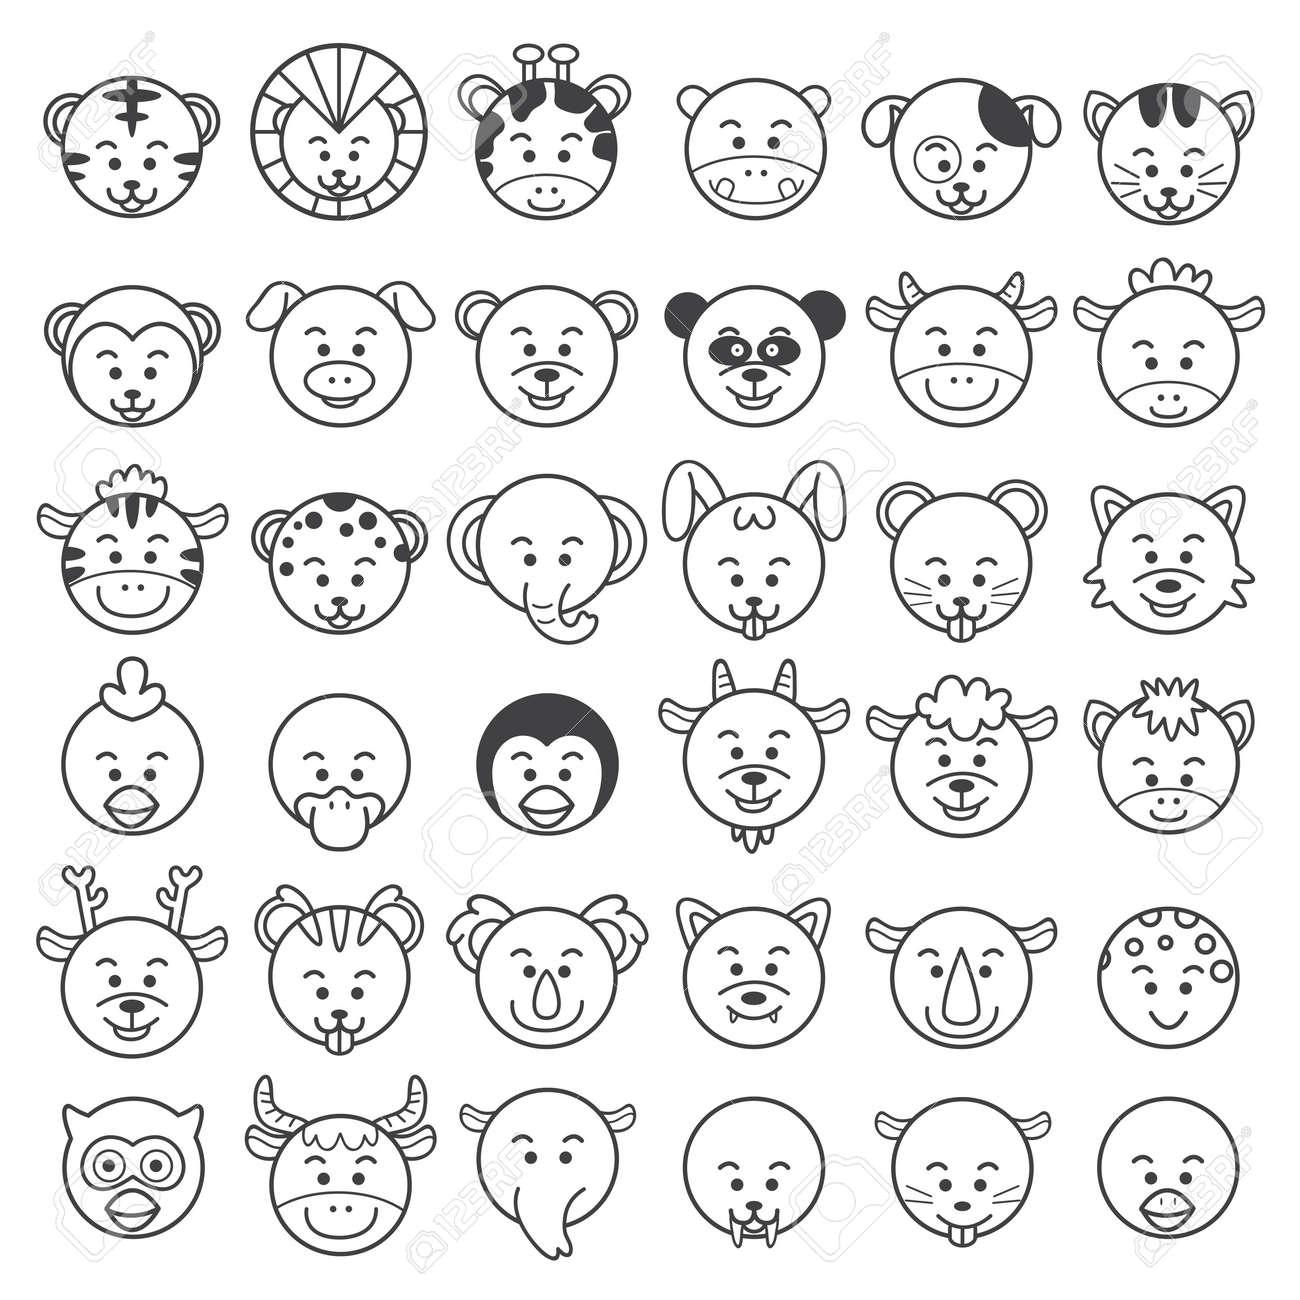 動物の顔のイラスト ロイヤリティフリークリップアート、ベクター